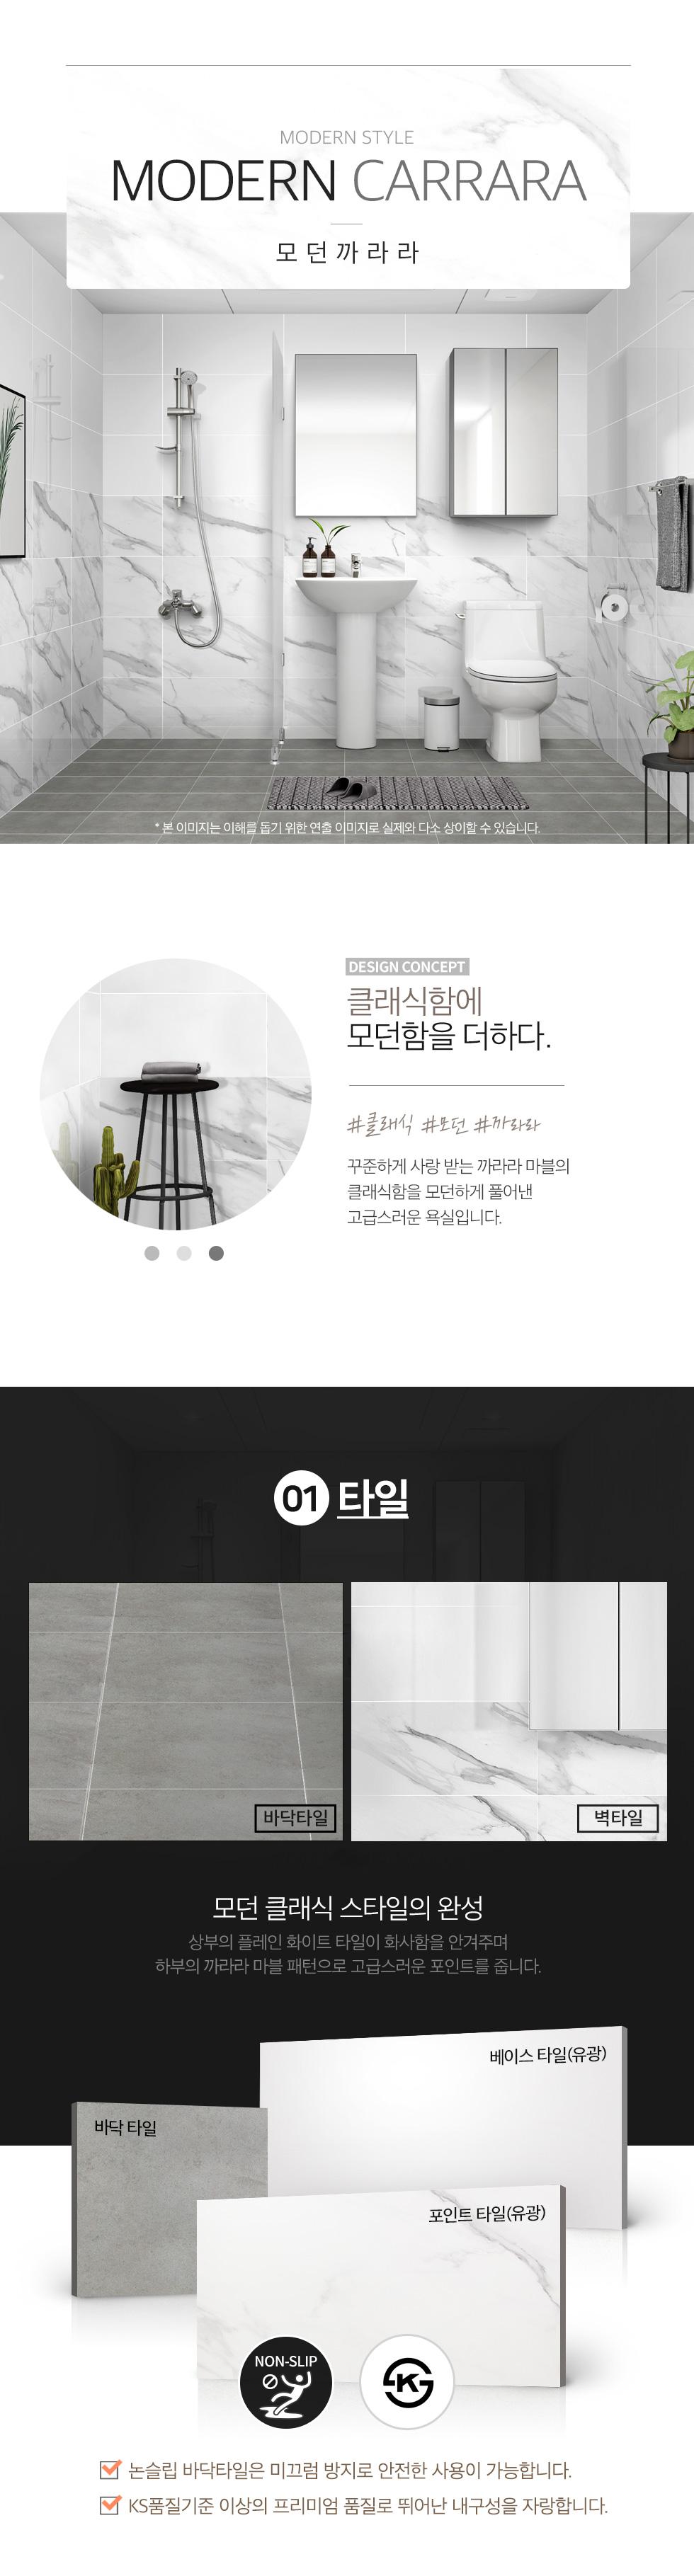 모던까라라 패키지소개01